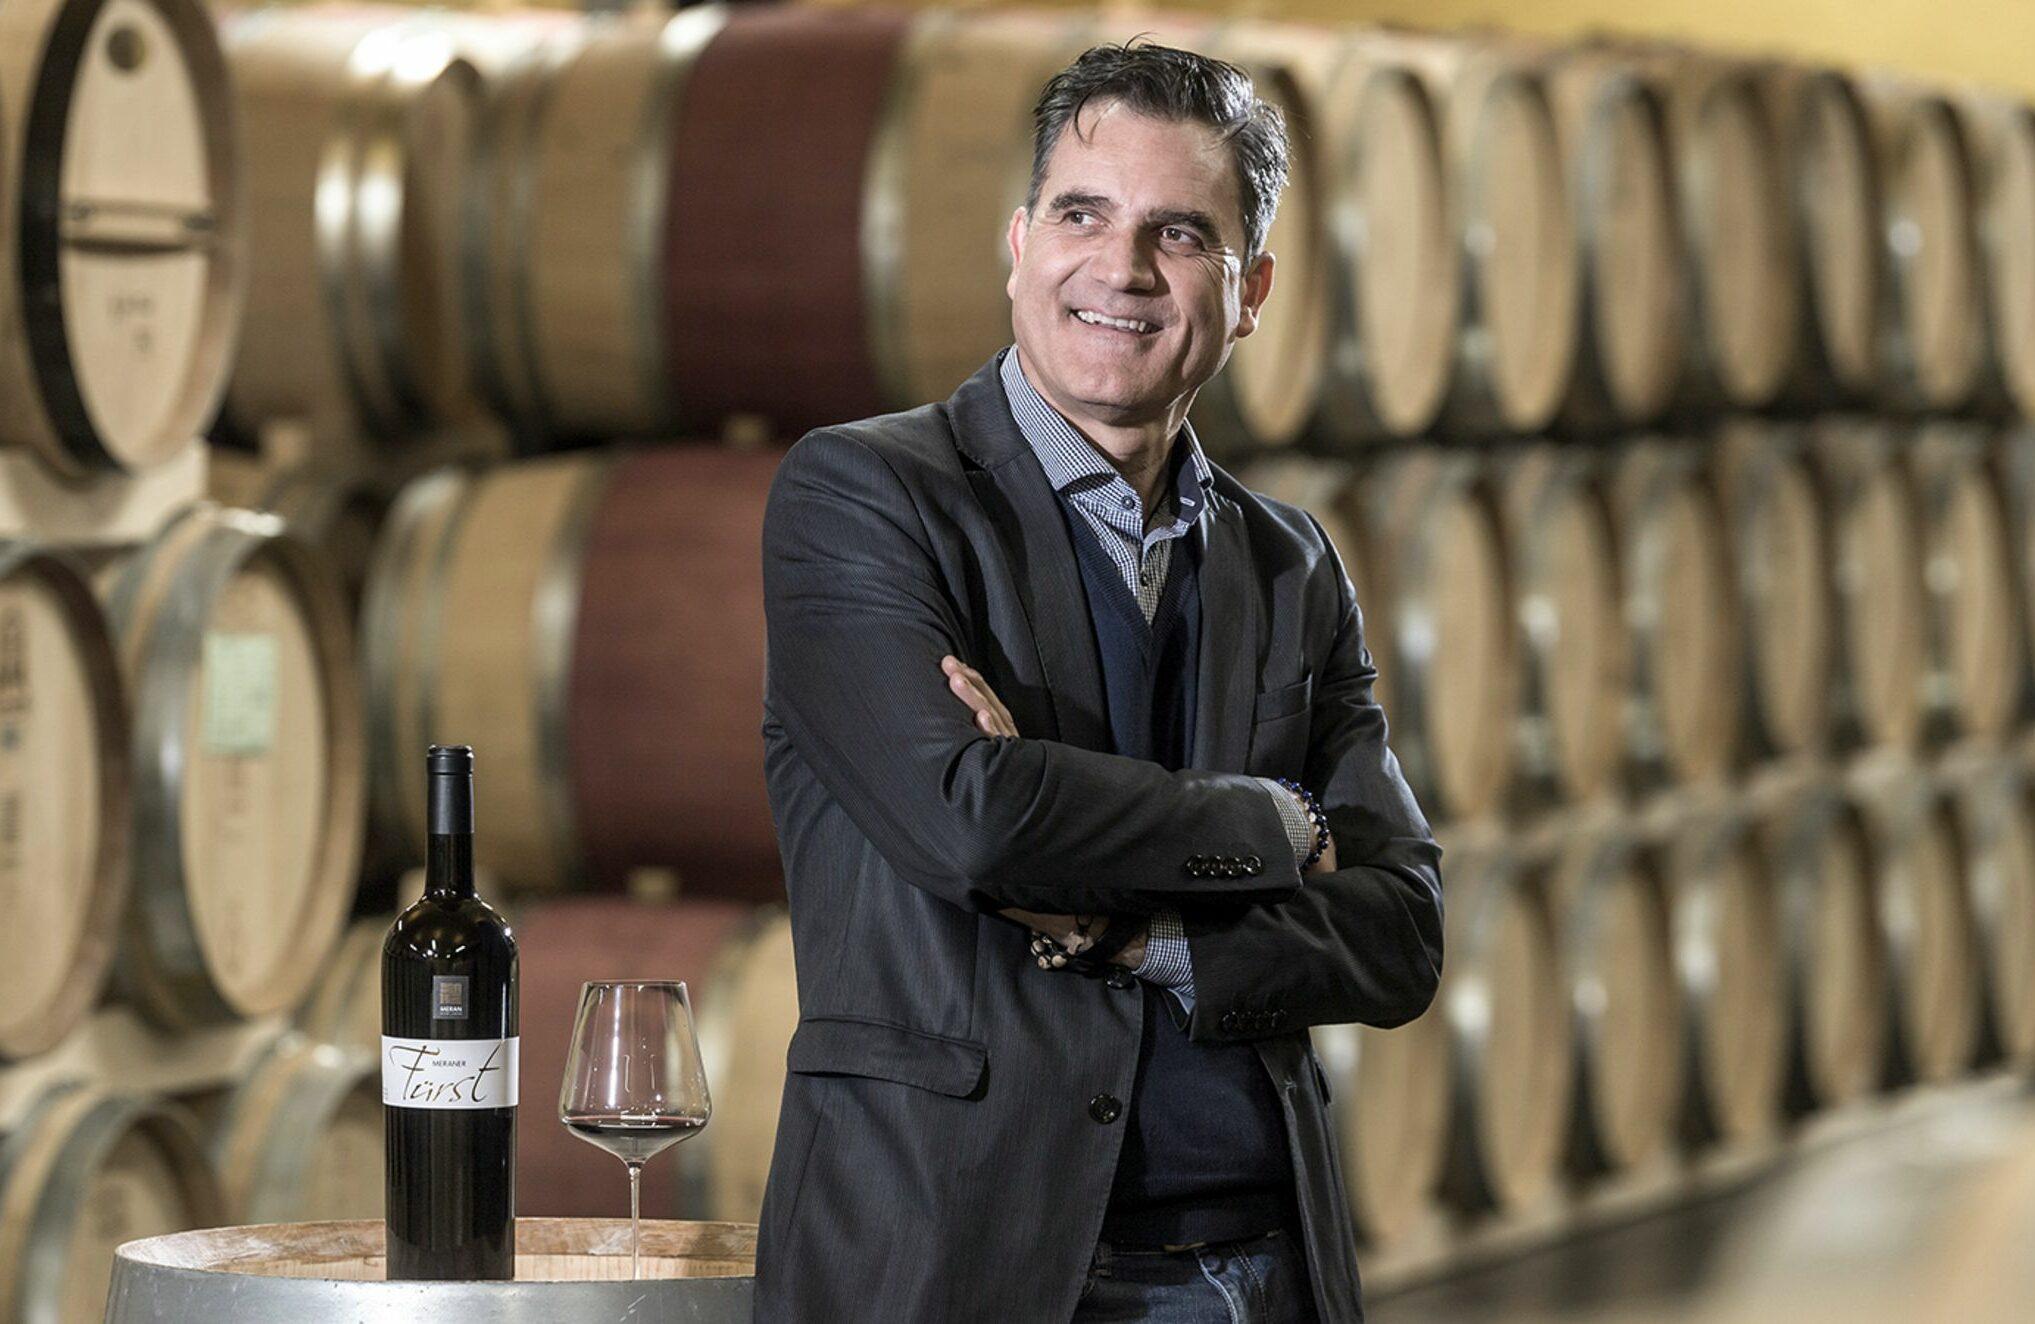 """Read more about the article """"Südtirol hat sich erfolgreich auf die Herstellung von Spitzenweinen spezialisiert"""""""